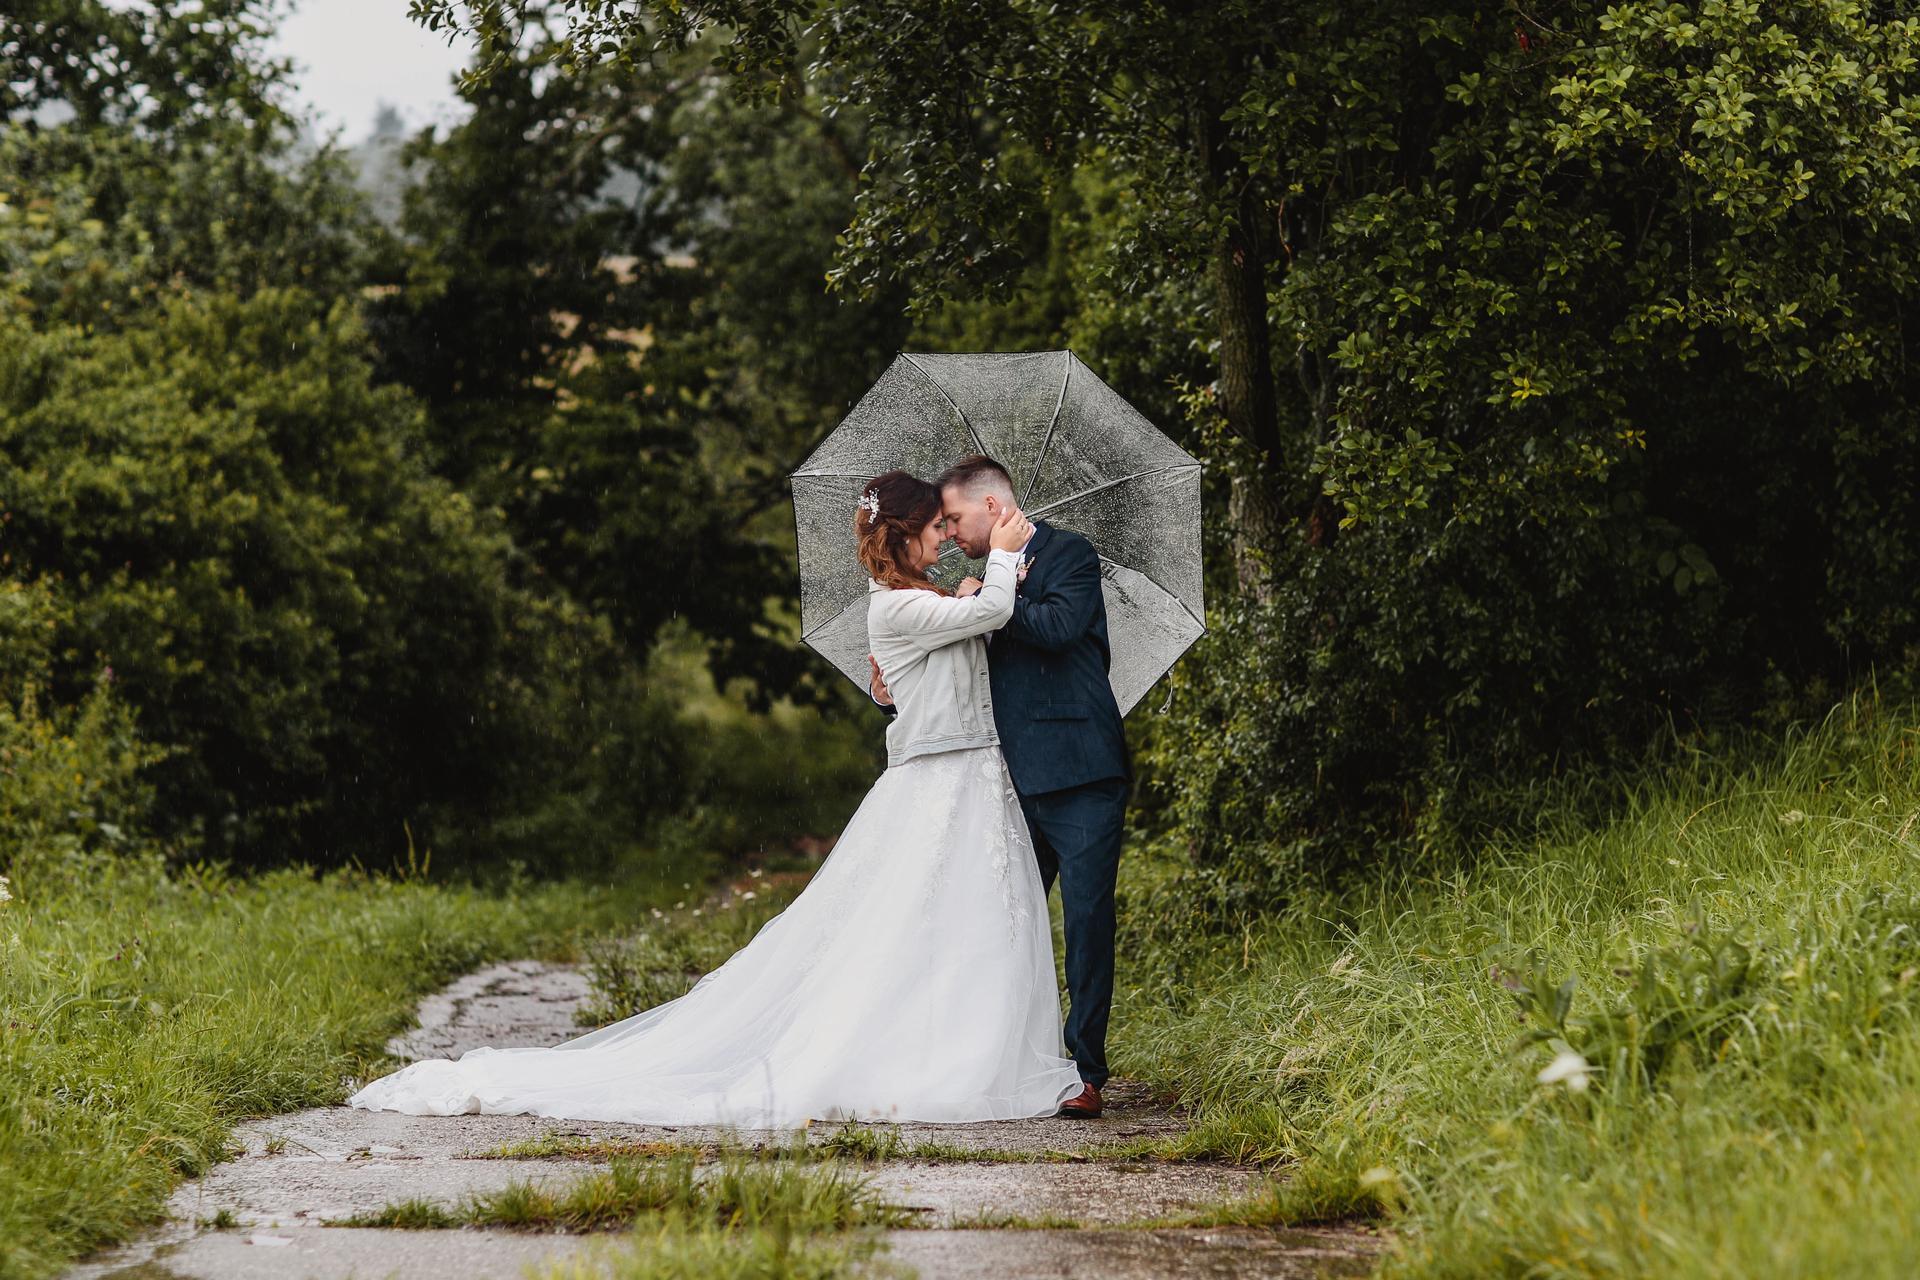 První svatební .... deštníková ♥  to počasí nás opravdu trápilo po celý den, ale nenechali jsme si to v žádném případě zkazit!!! Svatba byla úžasná, samozřejmě vždy je svatba o vás dvou, ale také hlavně o lidech - rodině a přátelích....a ti, když vás podrží, a udělají perfektní zábavu, tak nějaké počasí se může jít zahrabat. Věřte, že jo! ;-) - Obrázek č. 1